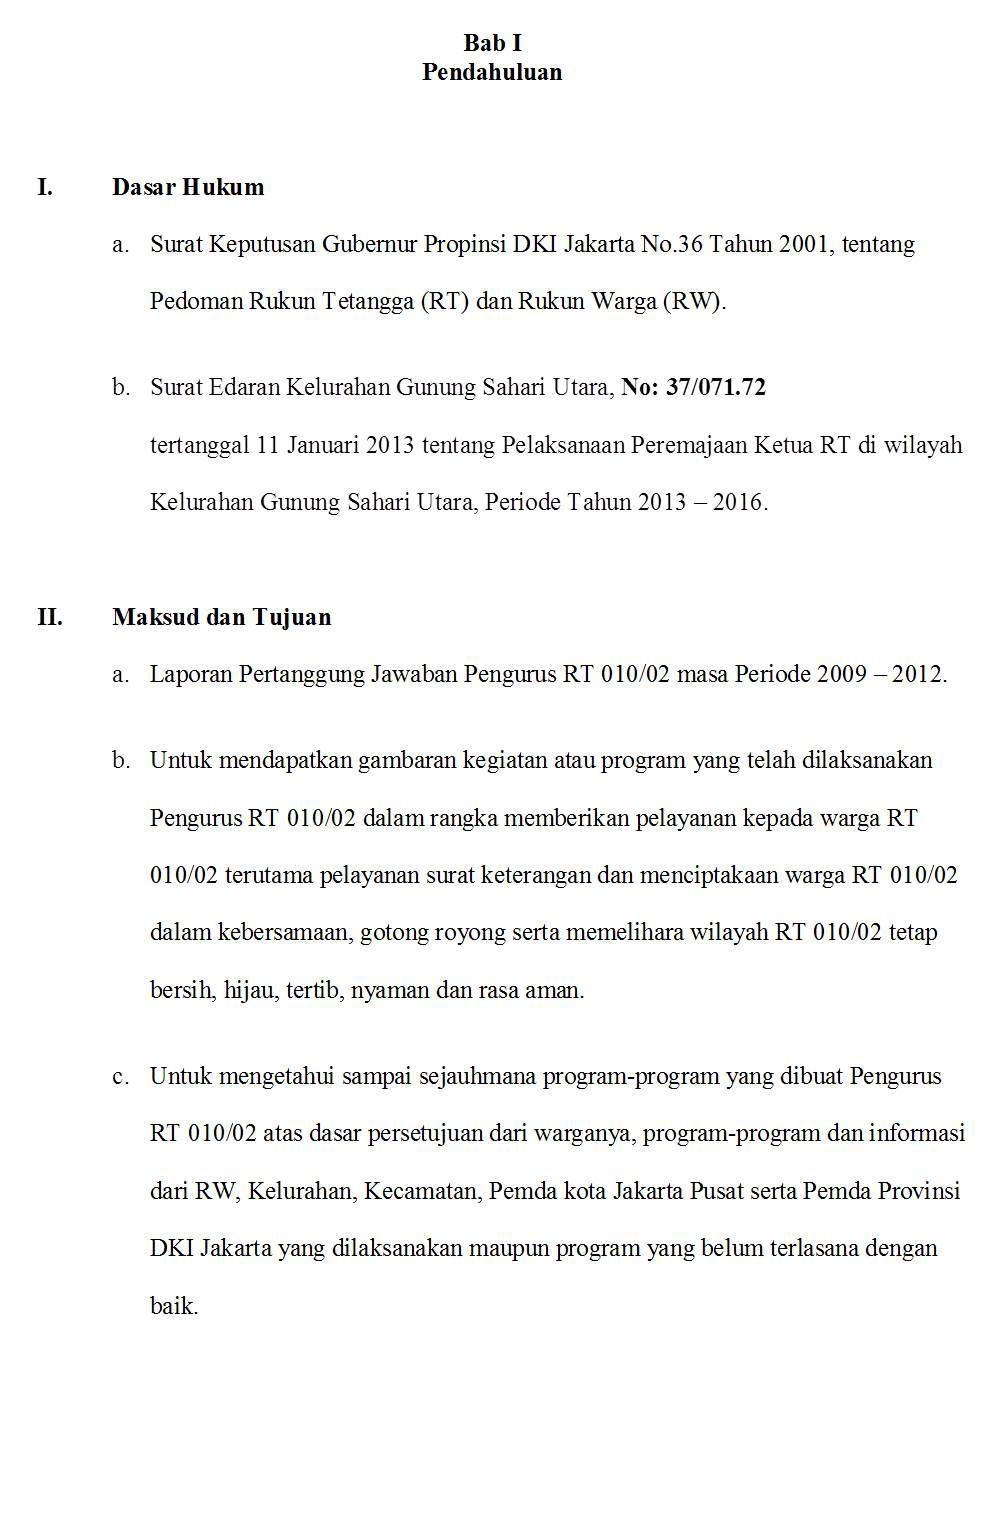 Rt 010 Rw 02 Laporan Pertanggungjawaban Ketua Rt 010 02 Periode 2009 2012